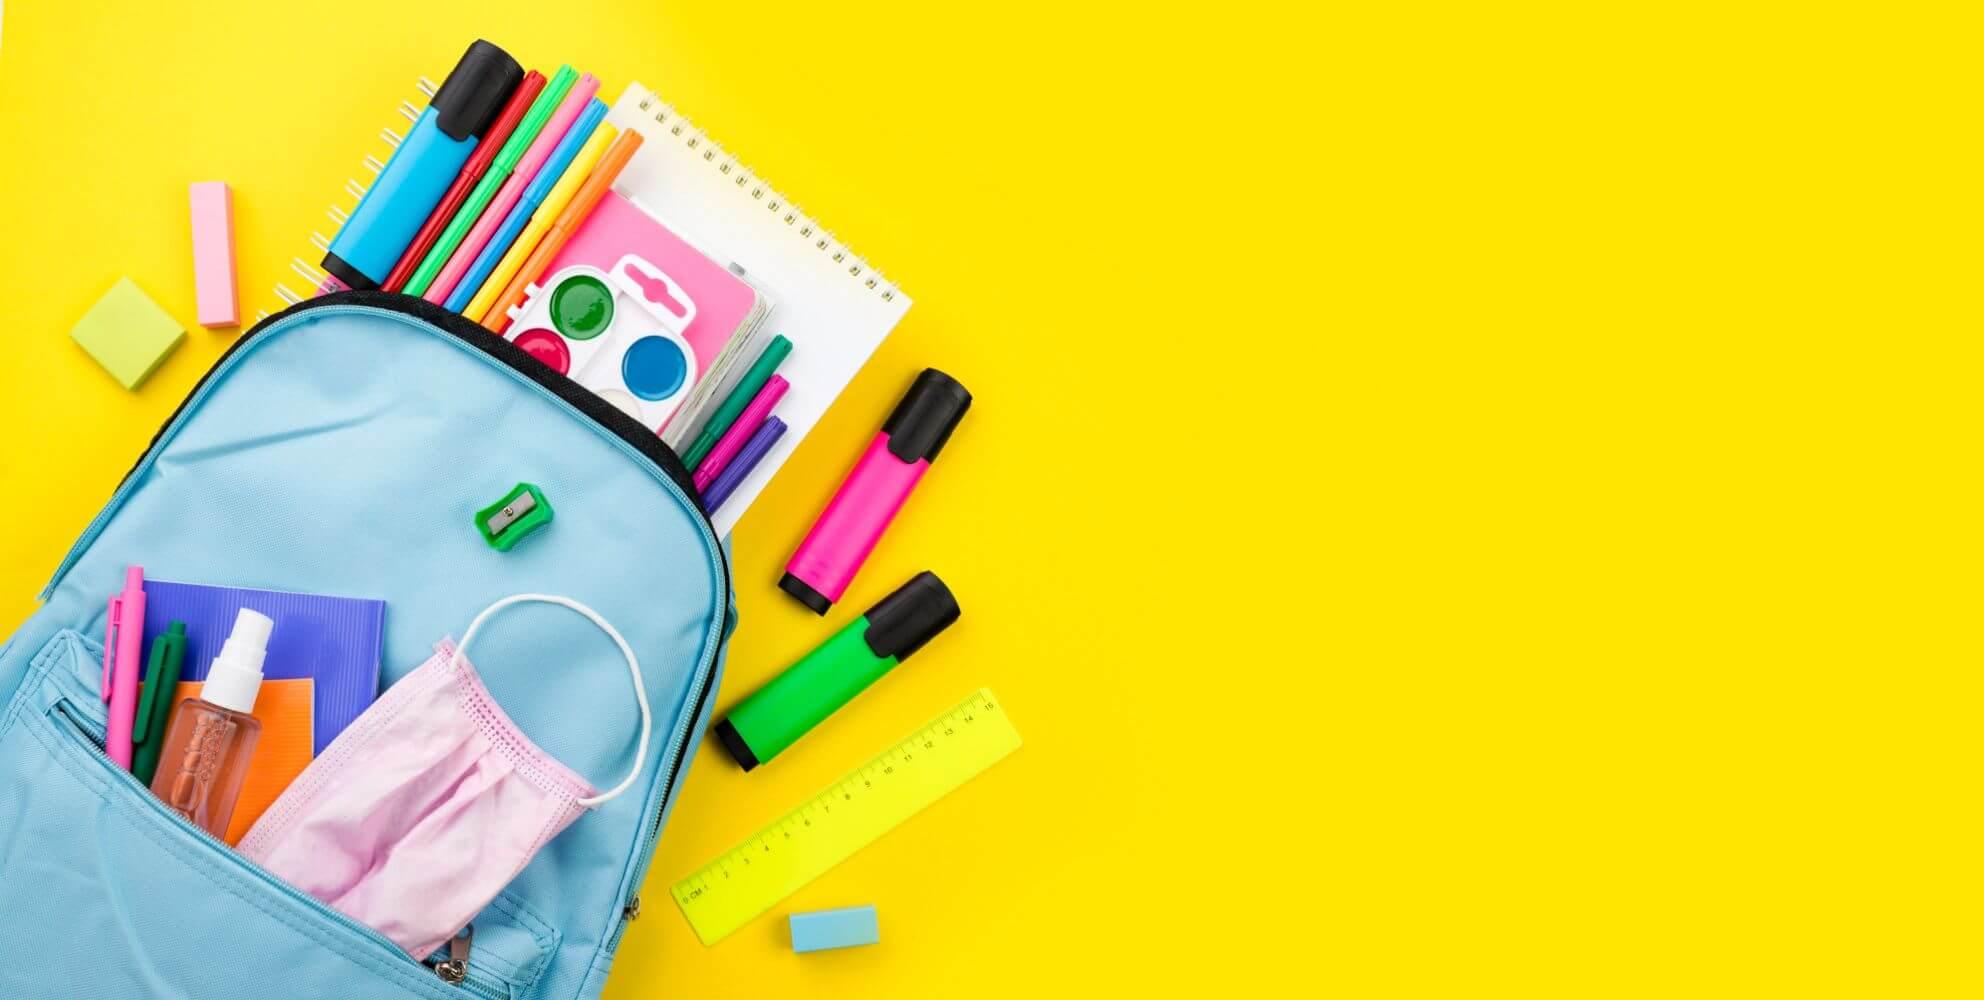 Άνοιγμα σχολείων: Αναστάτωση στο ξεκίνημα της νέας σχολικής χρονιάς